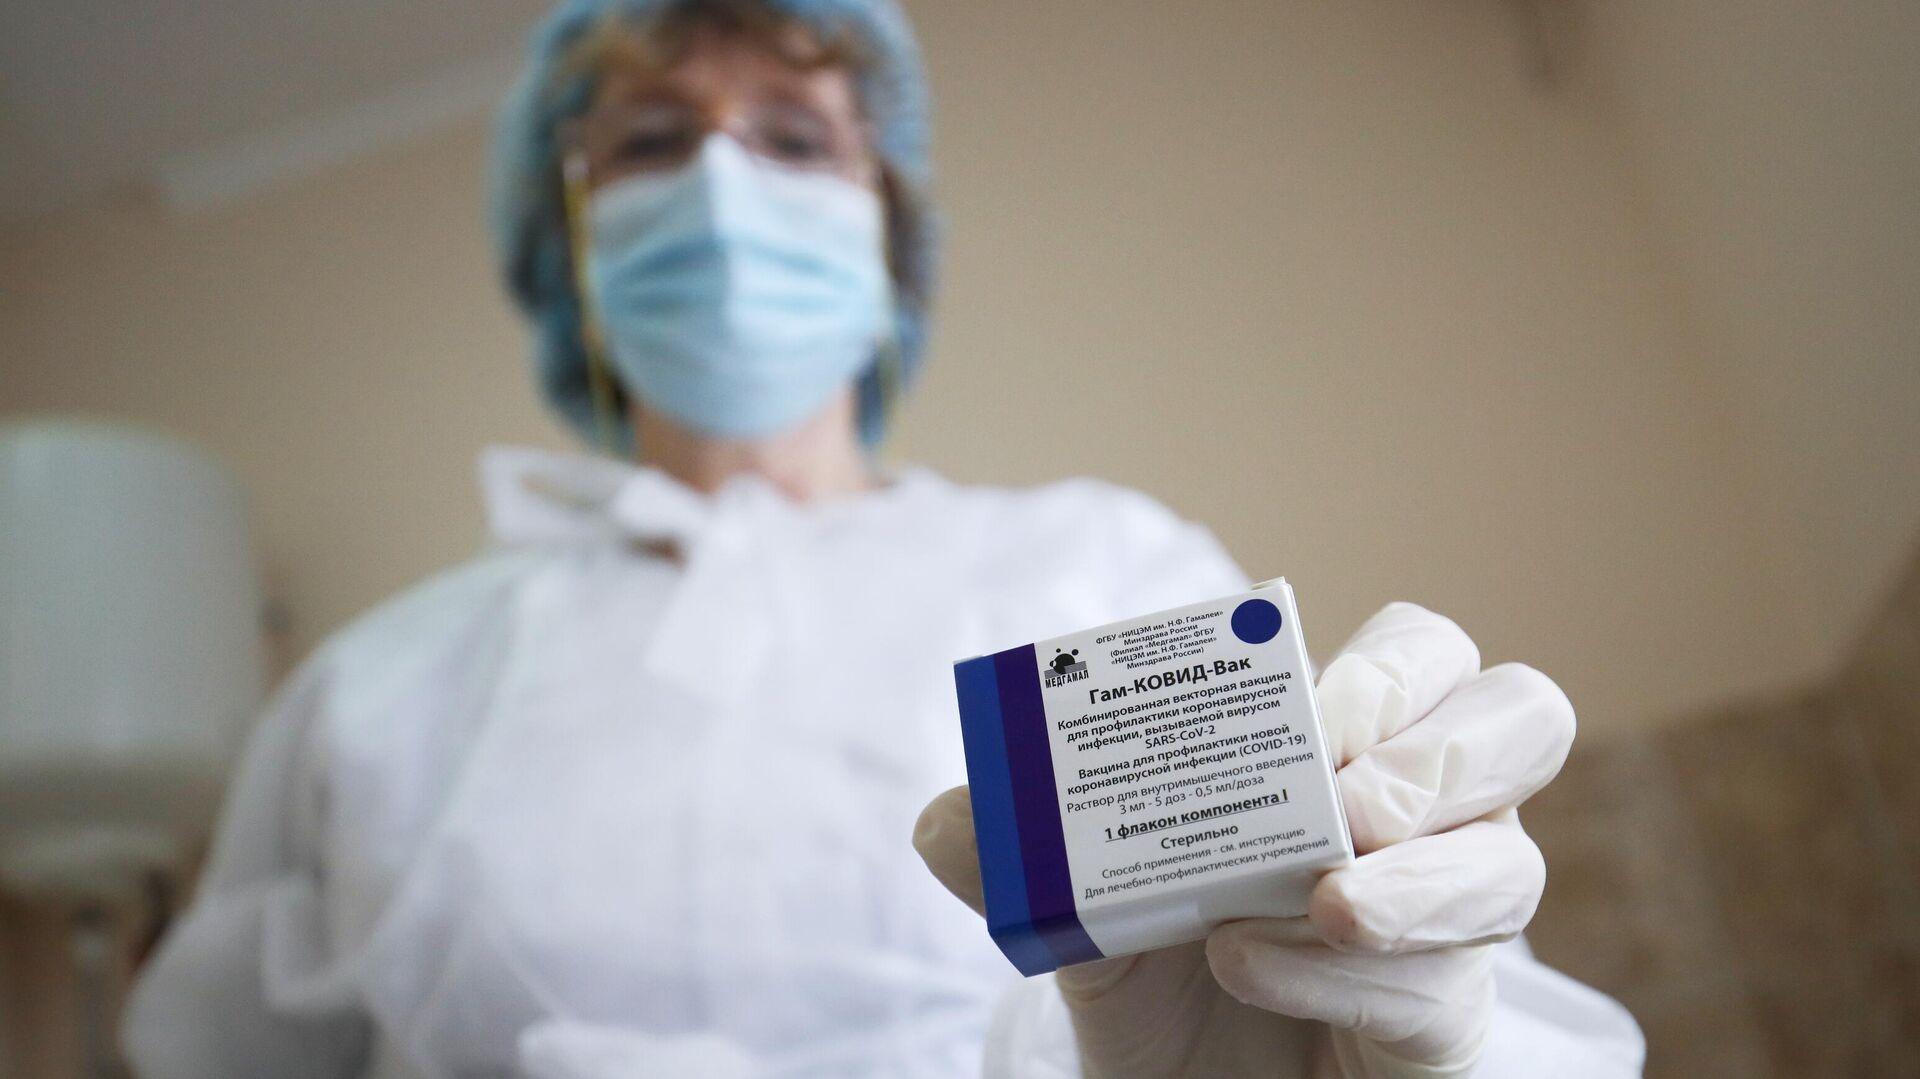 Медицинский сотрудник держит в руке вакцину от COVID-19 Спутник-V  - РИА Новости, 1920, 15.06.2021